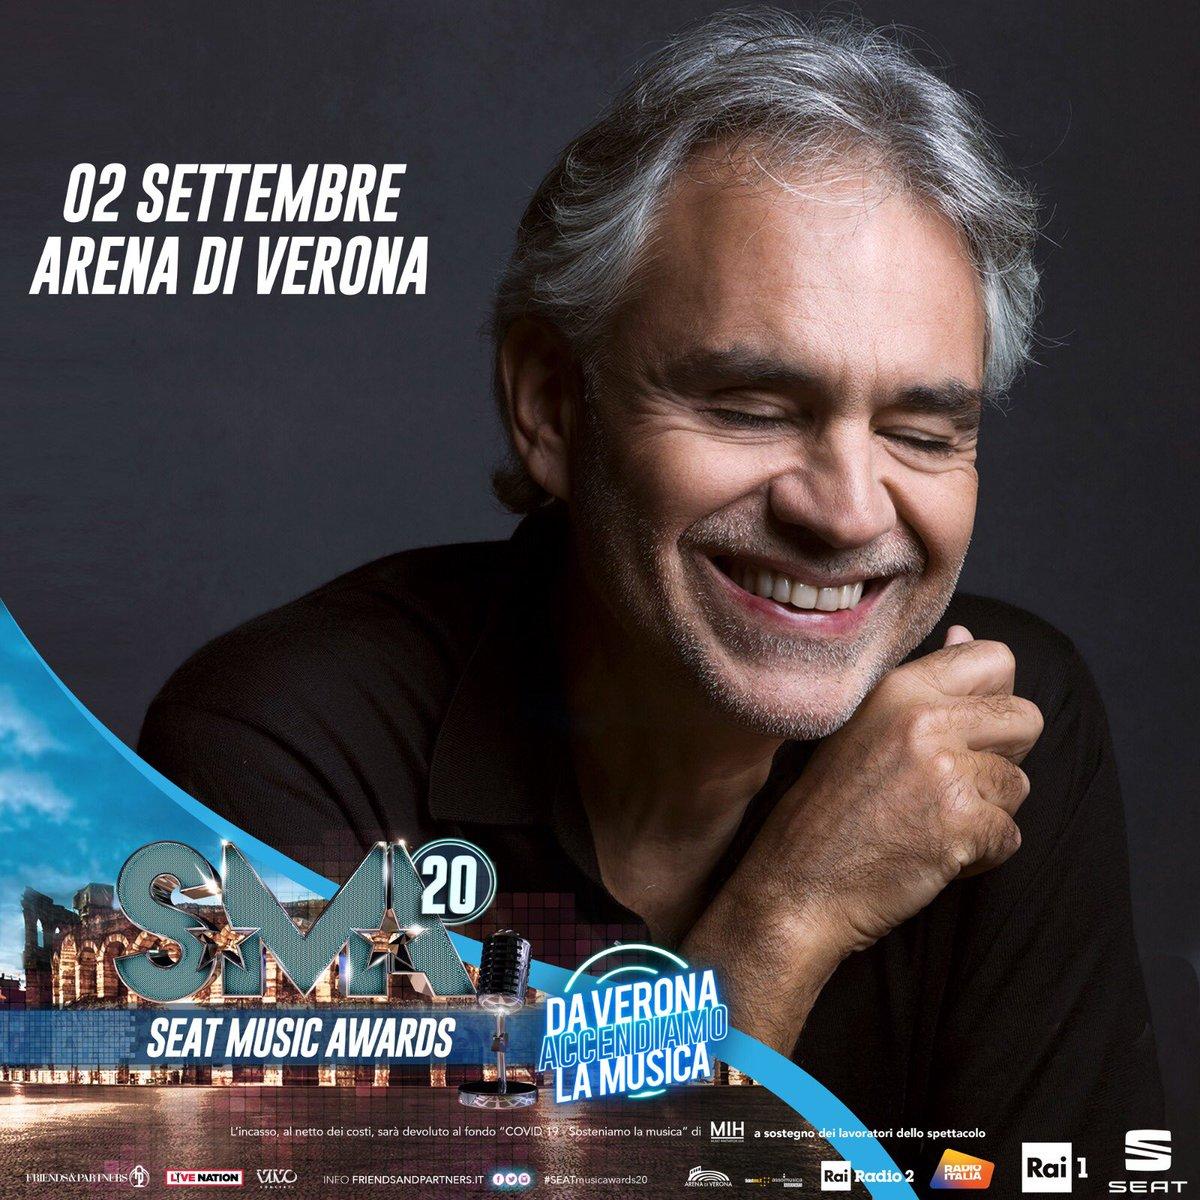 Andrea Bocelli sarà in diretta questa sera in prima serata su @RaiUno dall'Arena di Verona per i #SEATMusicAwards20  @SMAufficiale https://t.co/BK7UELR4C8